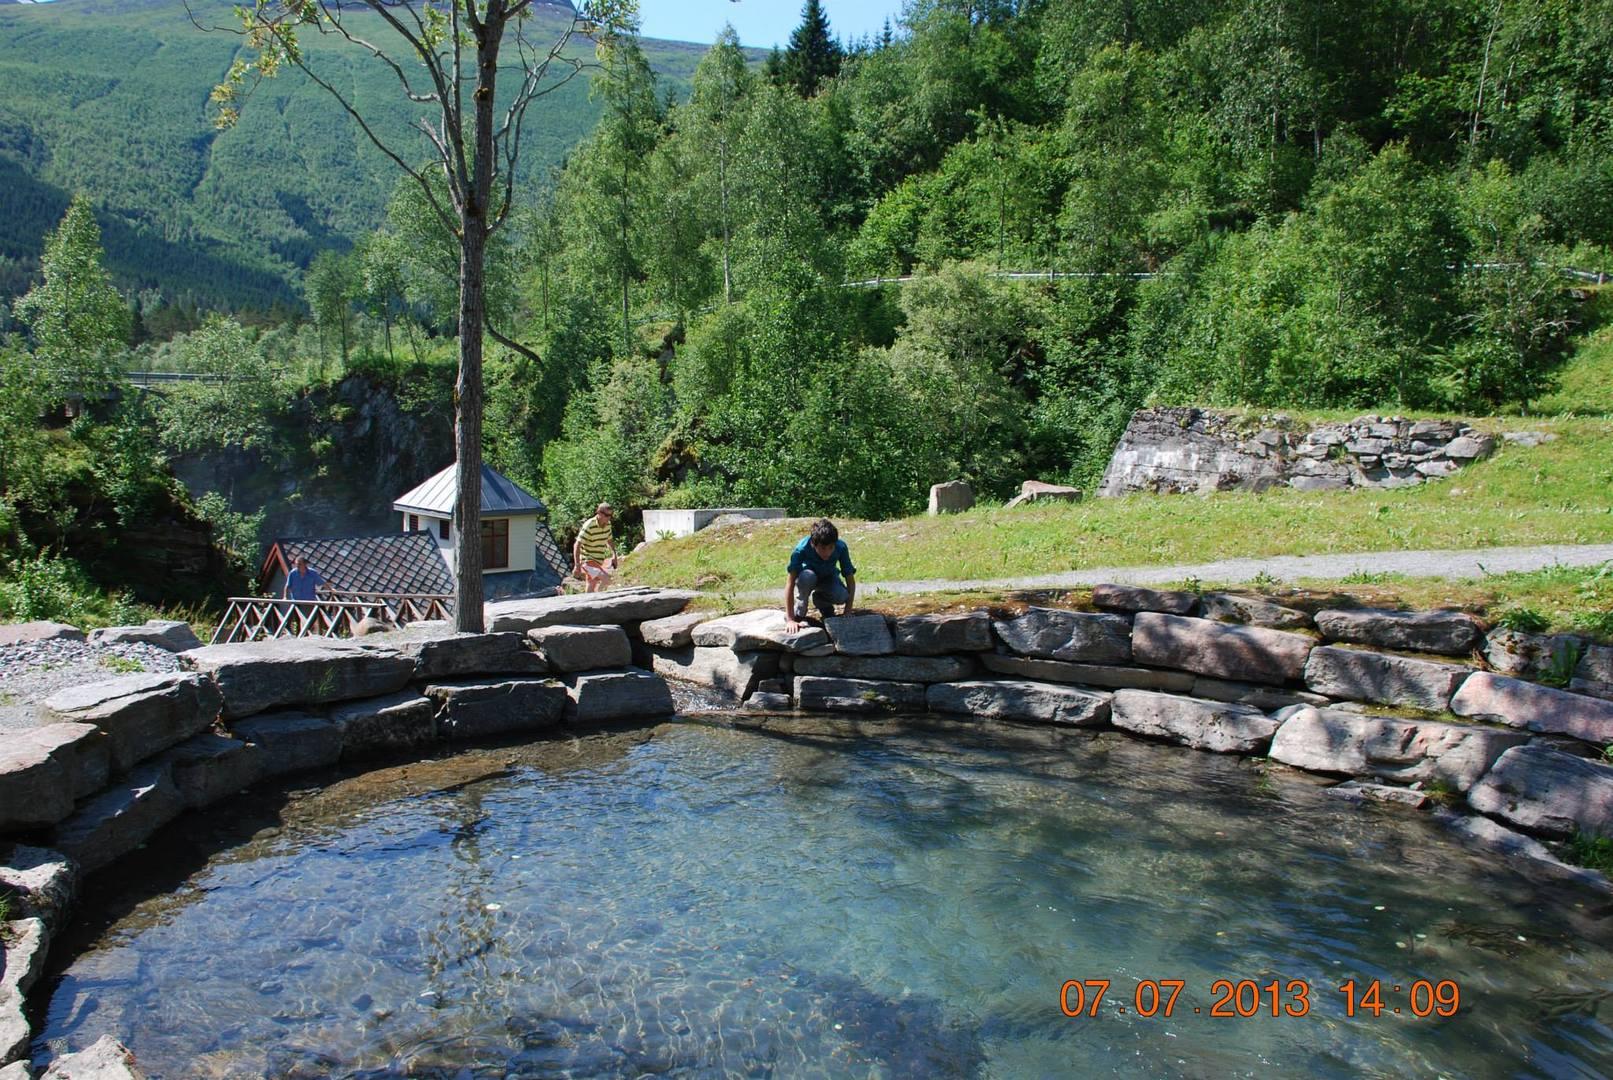 בריכת רחצה במי הנהר